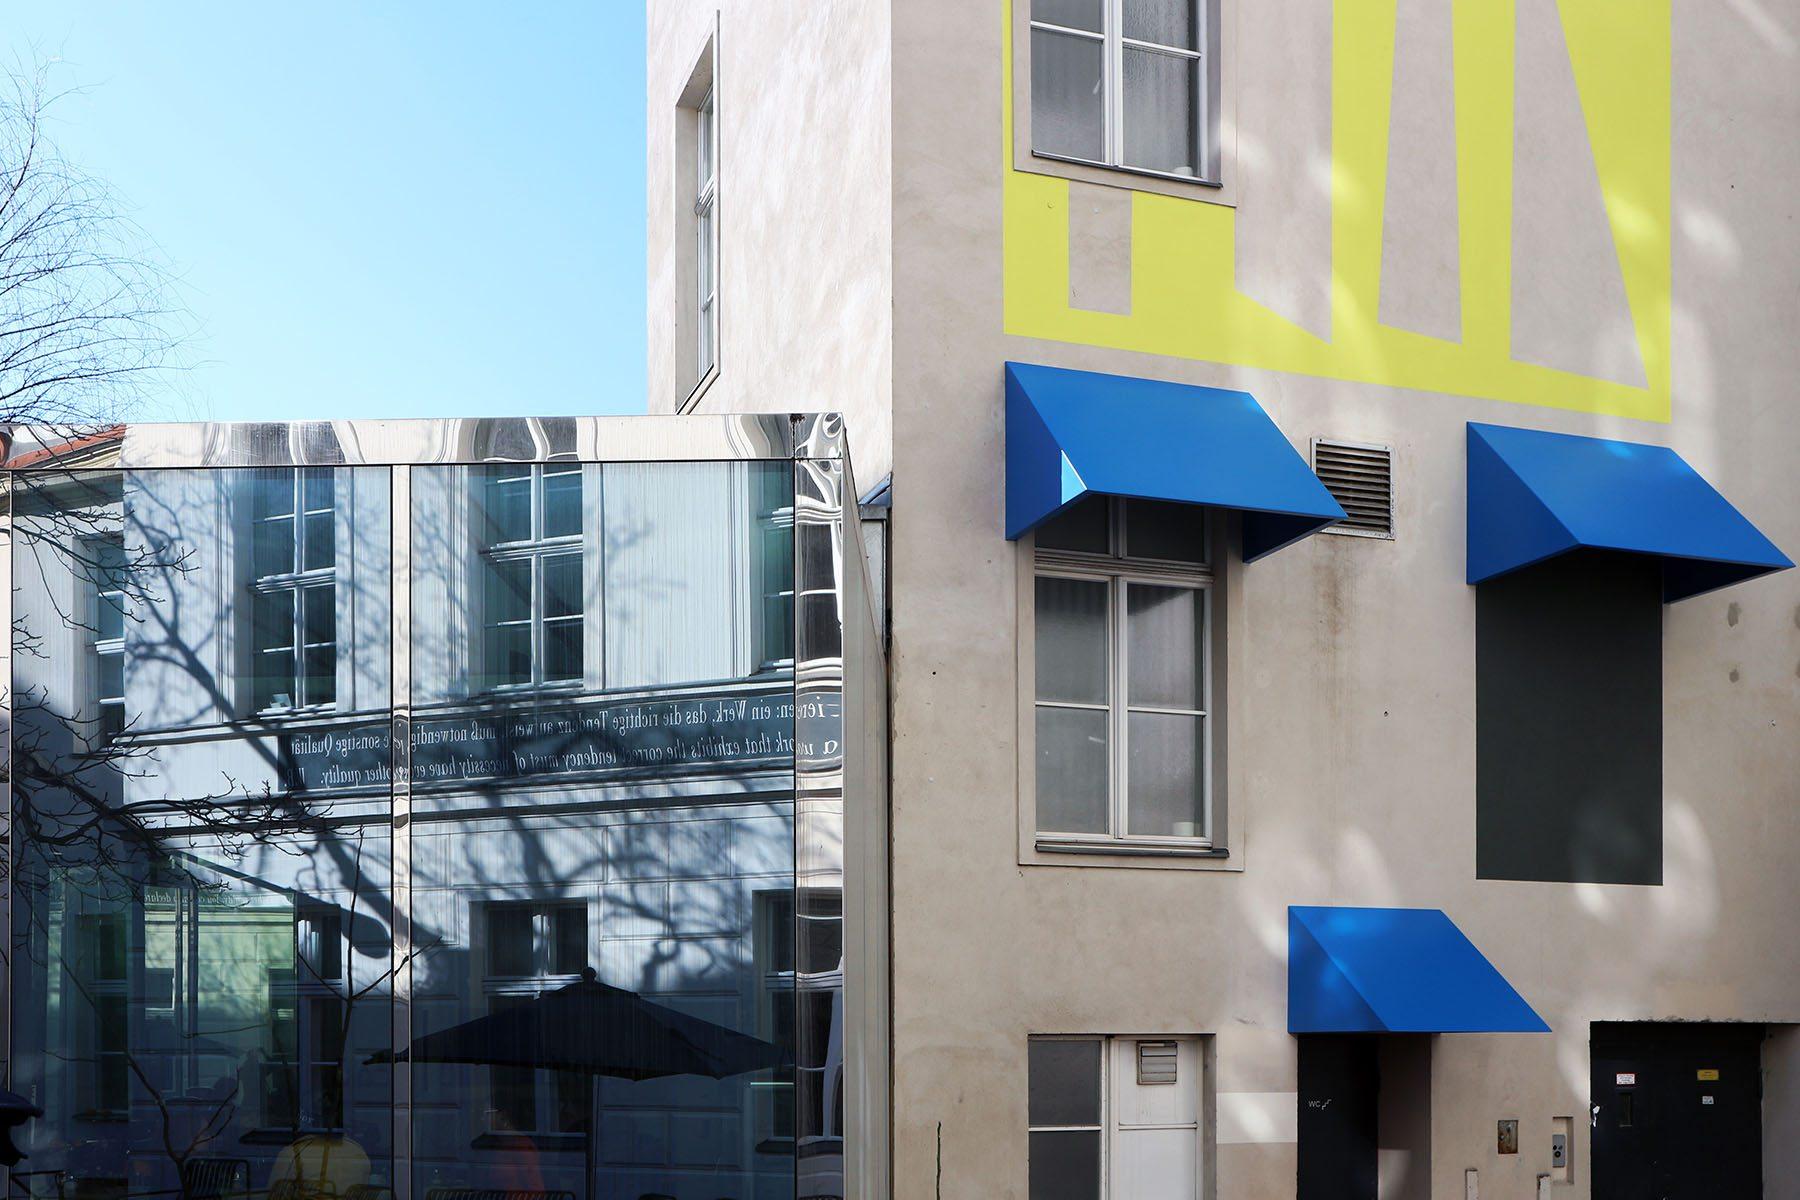 """Stepping stairs. Im Innenhof realisierte Judith Hopf eine Auftragsarbeit, die unverkennbar eine Anspielung an John Hejduks Kreuzberger Gebäudekomplex """"Berlin-Masque"""" darstellt. Die Installation mit langer, roter Zunge und blondem Haar verbleibt dauerhaft an der Fassade des Innenhofs."""